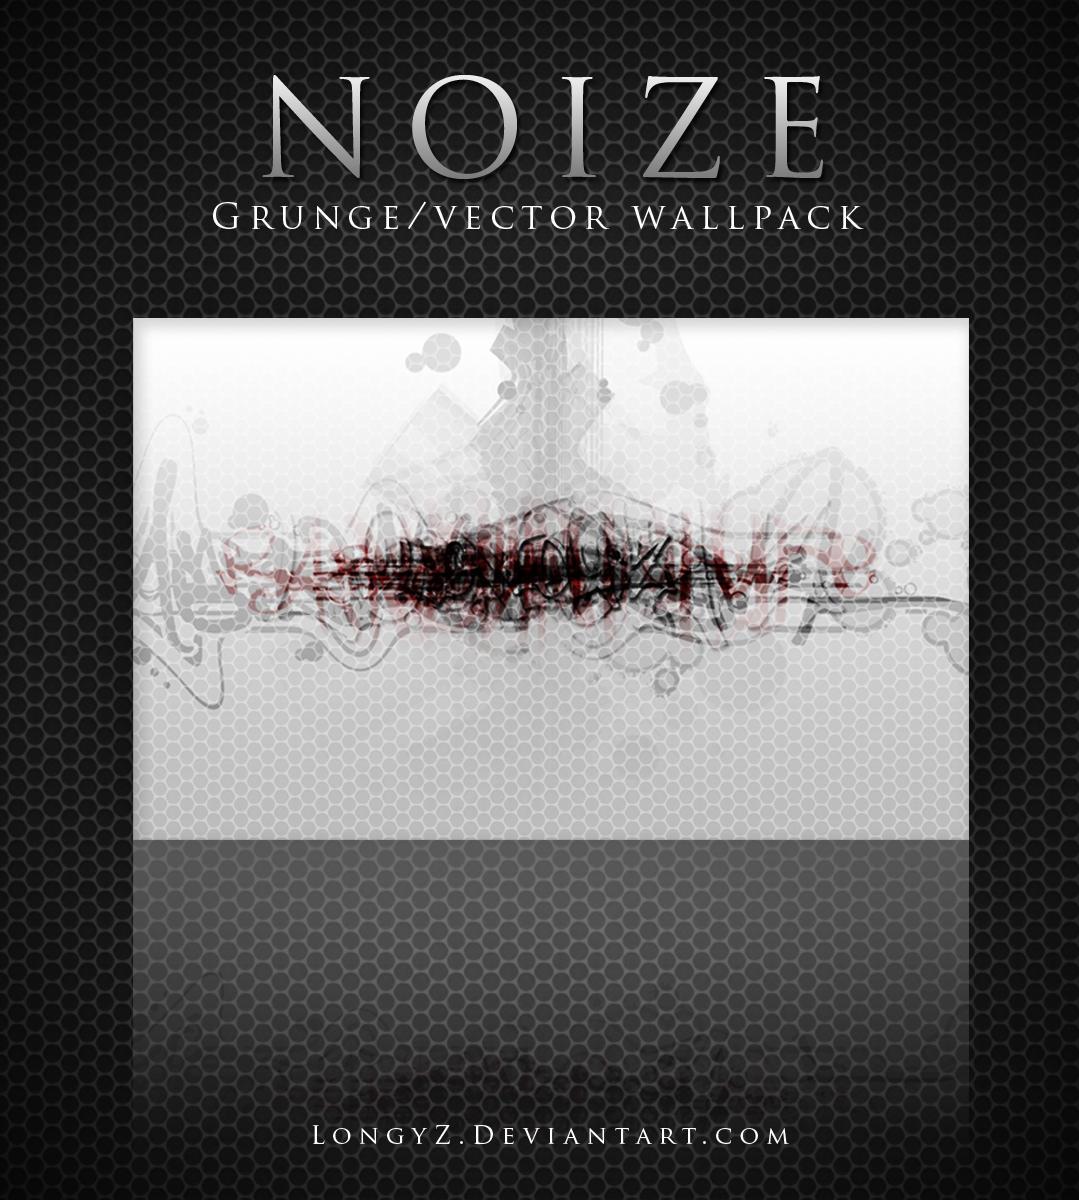 NoiZe by LongyZ